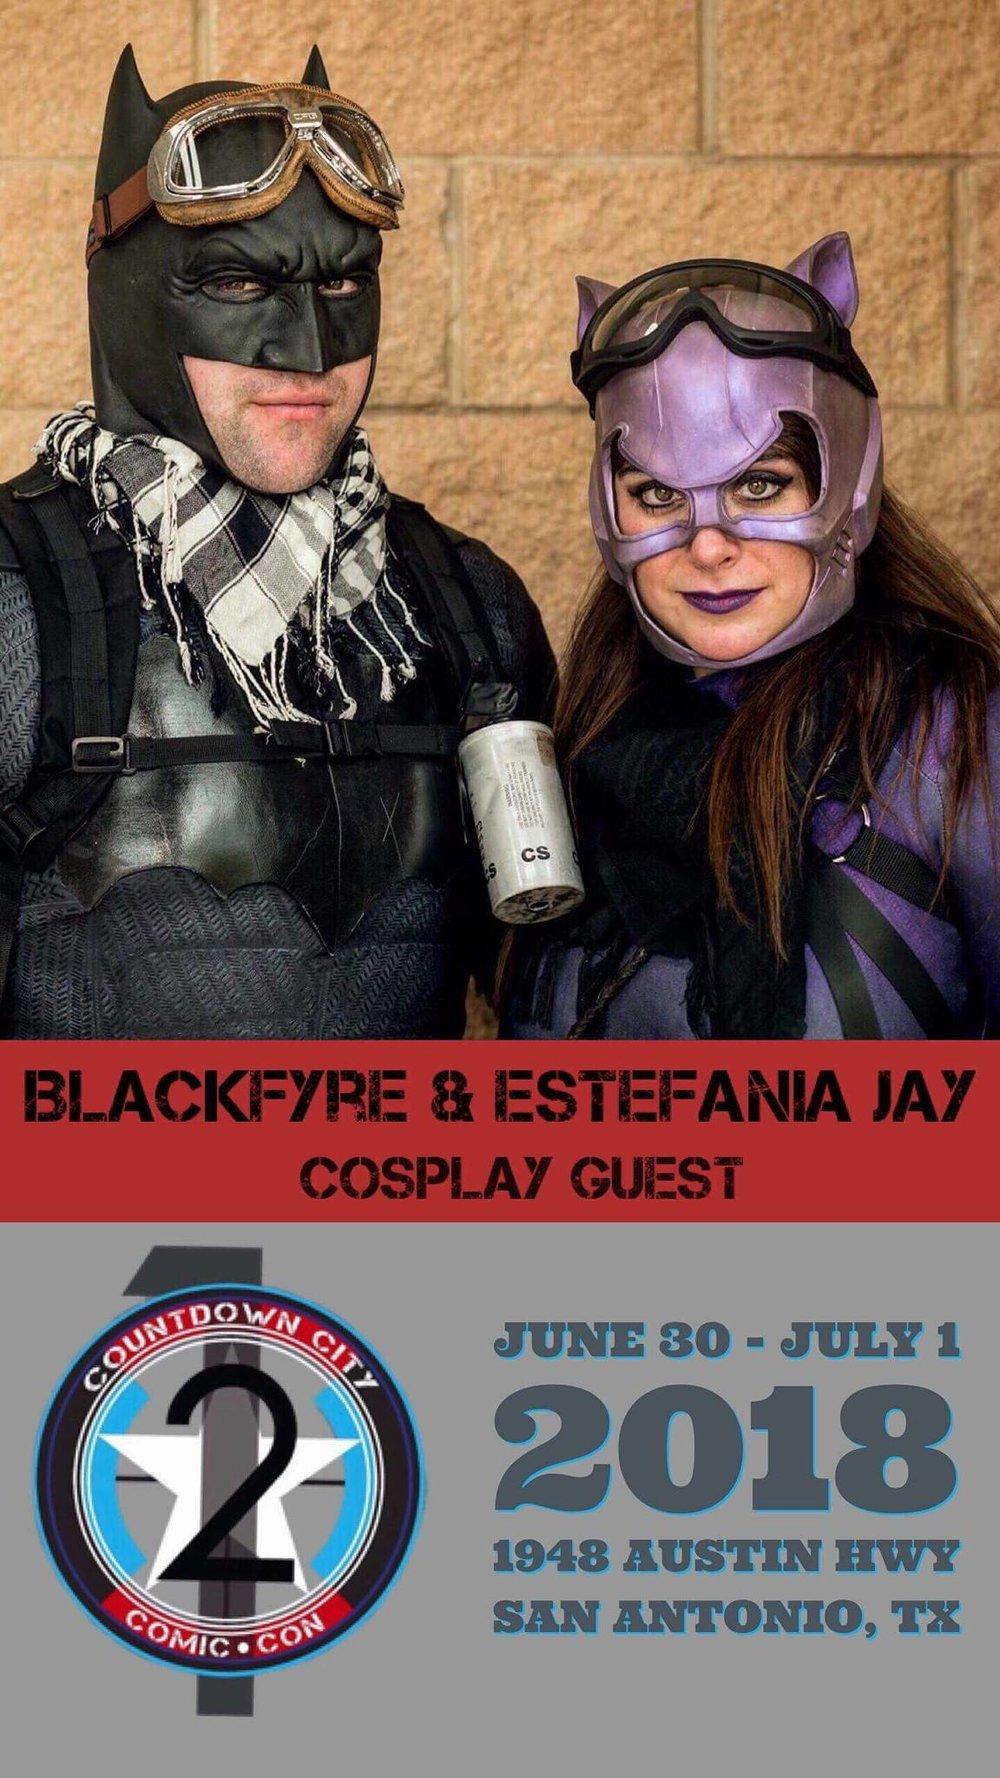 Blackfyre  & Estefania Jay